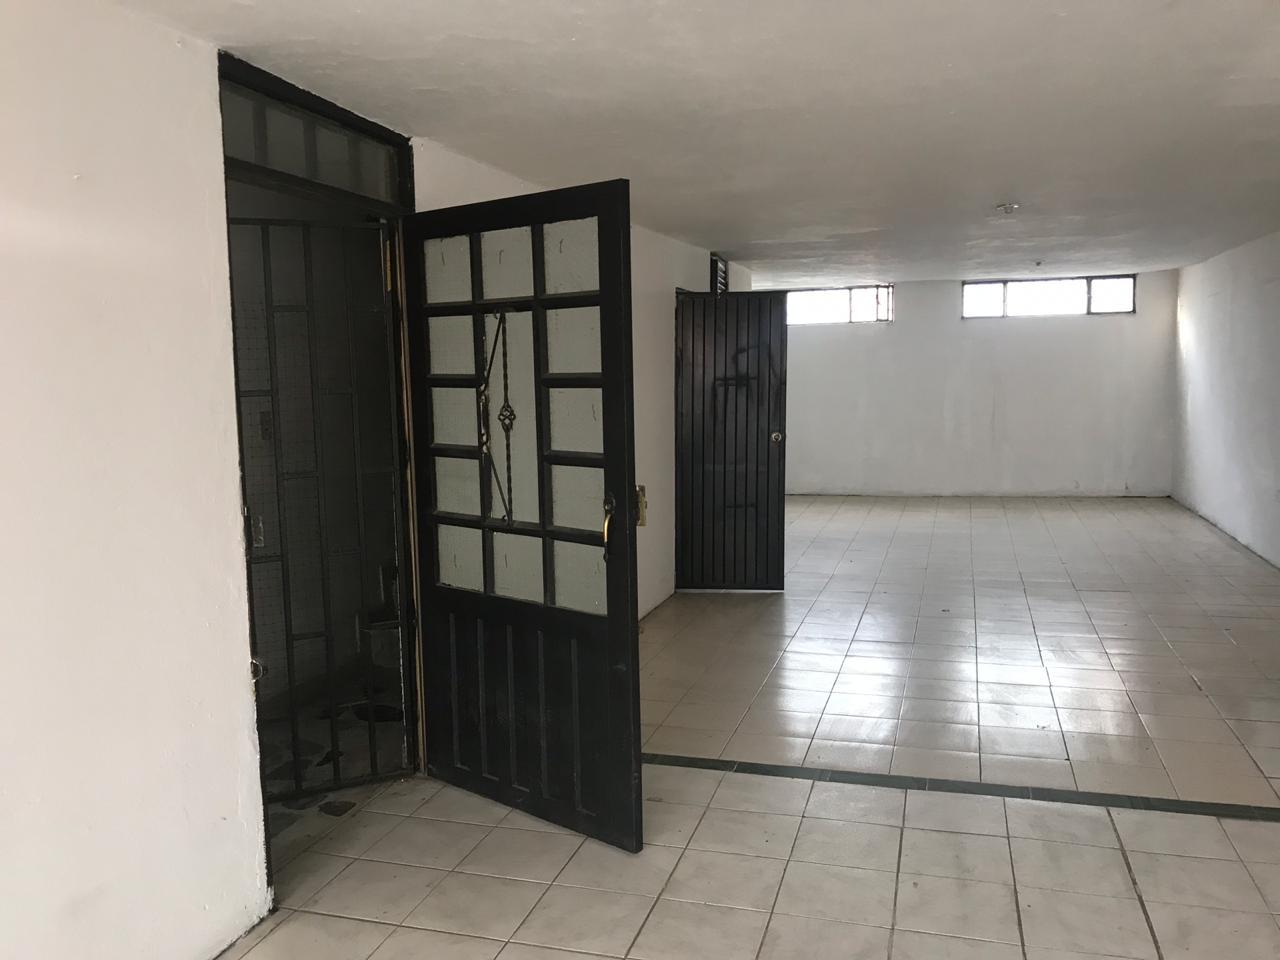 mosquera, Cundinamarca 250040, 4 Habitaciones Habitaciones, ,4 BathroomsBathrooms,Casa,Venta,1151